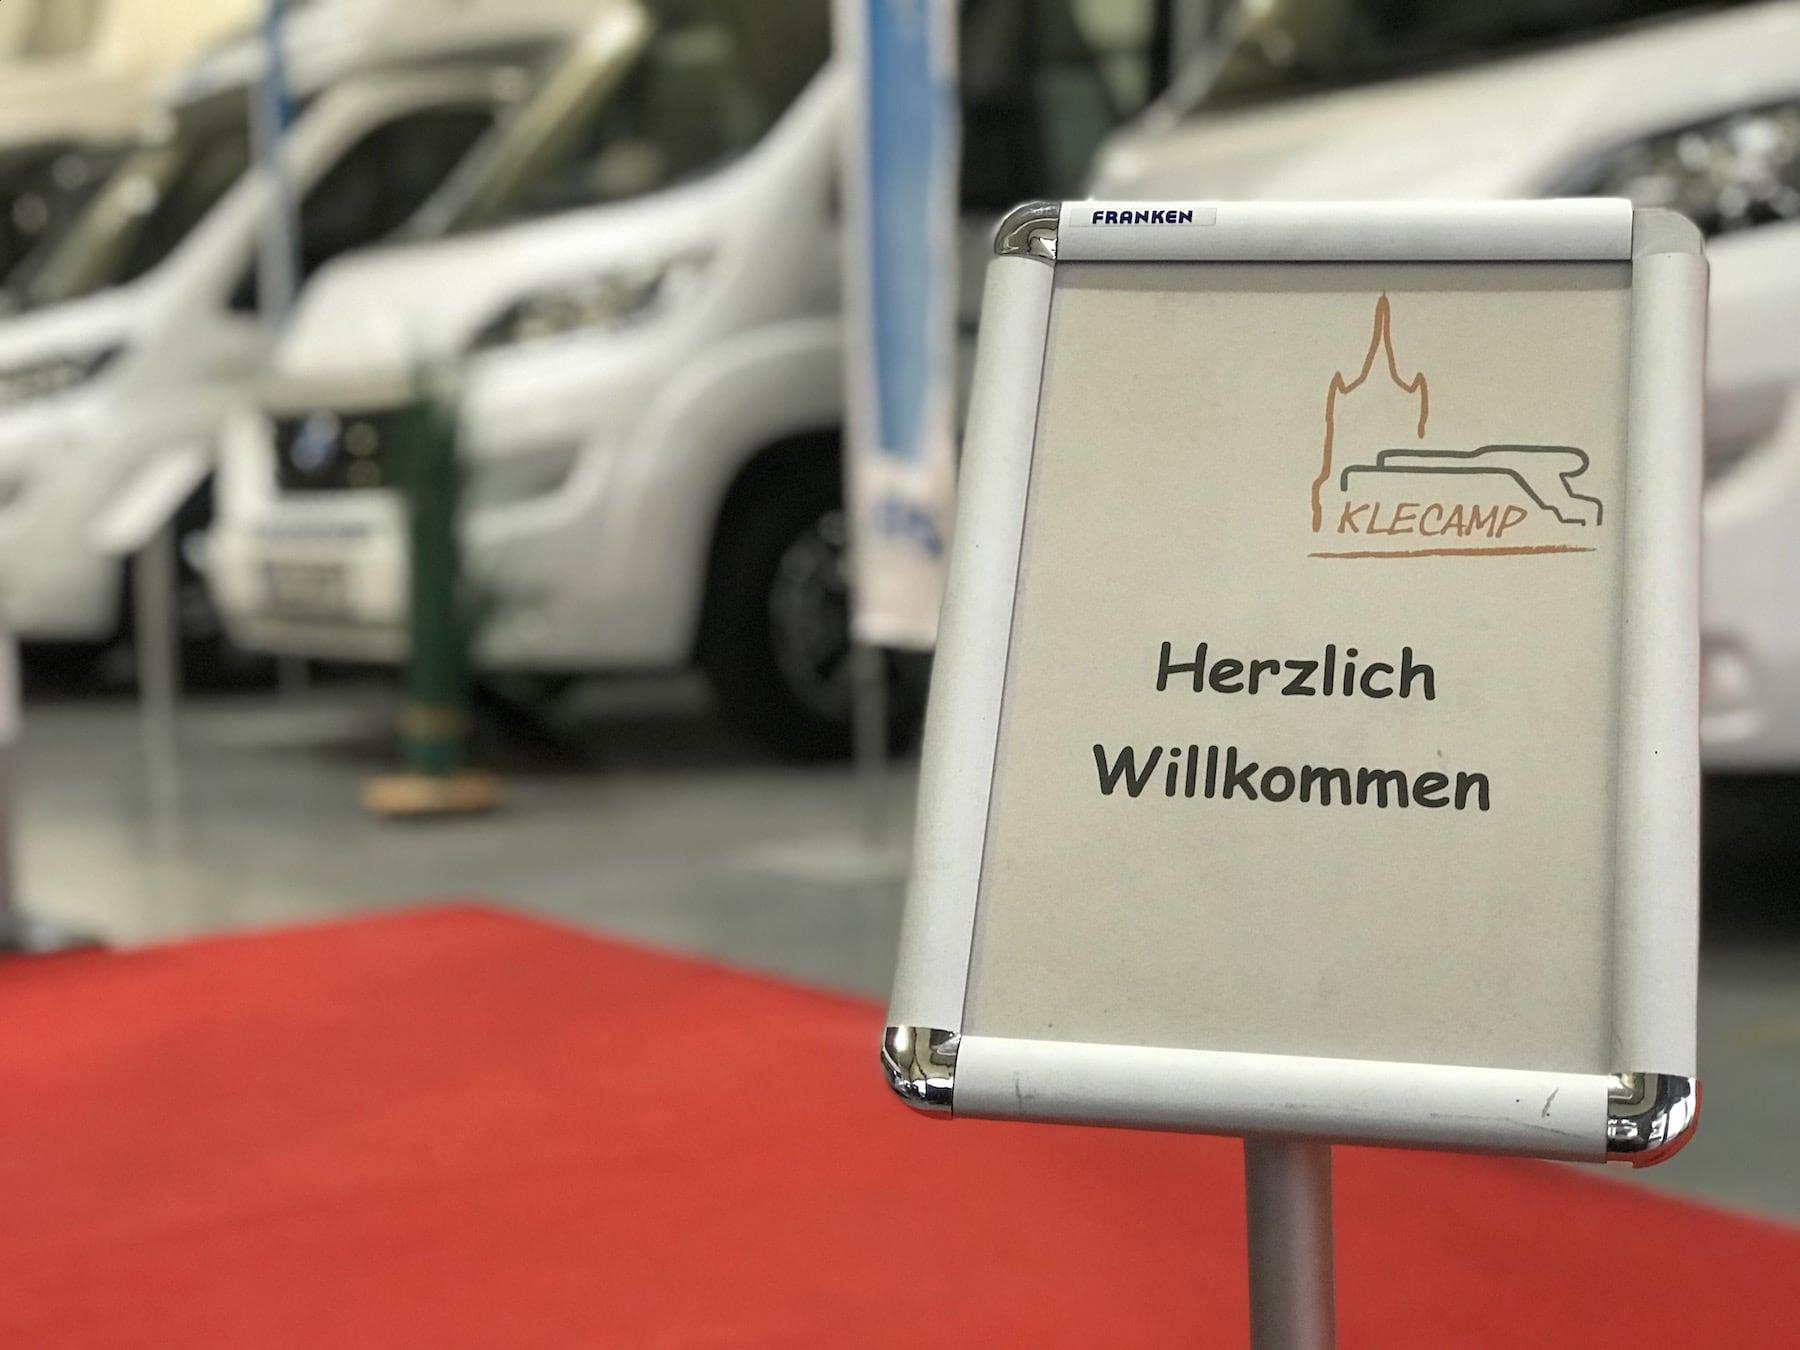 Klecamp Reisemobil Werkstatt in NRW Erfahrungen